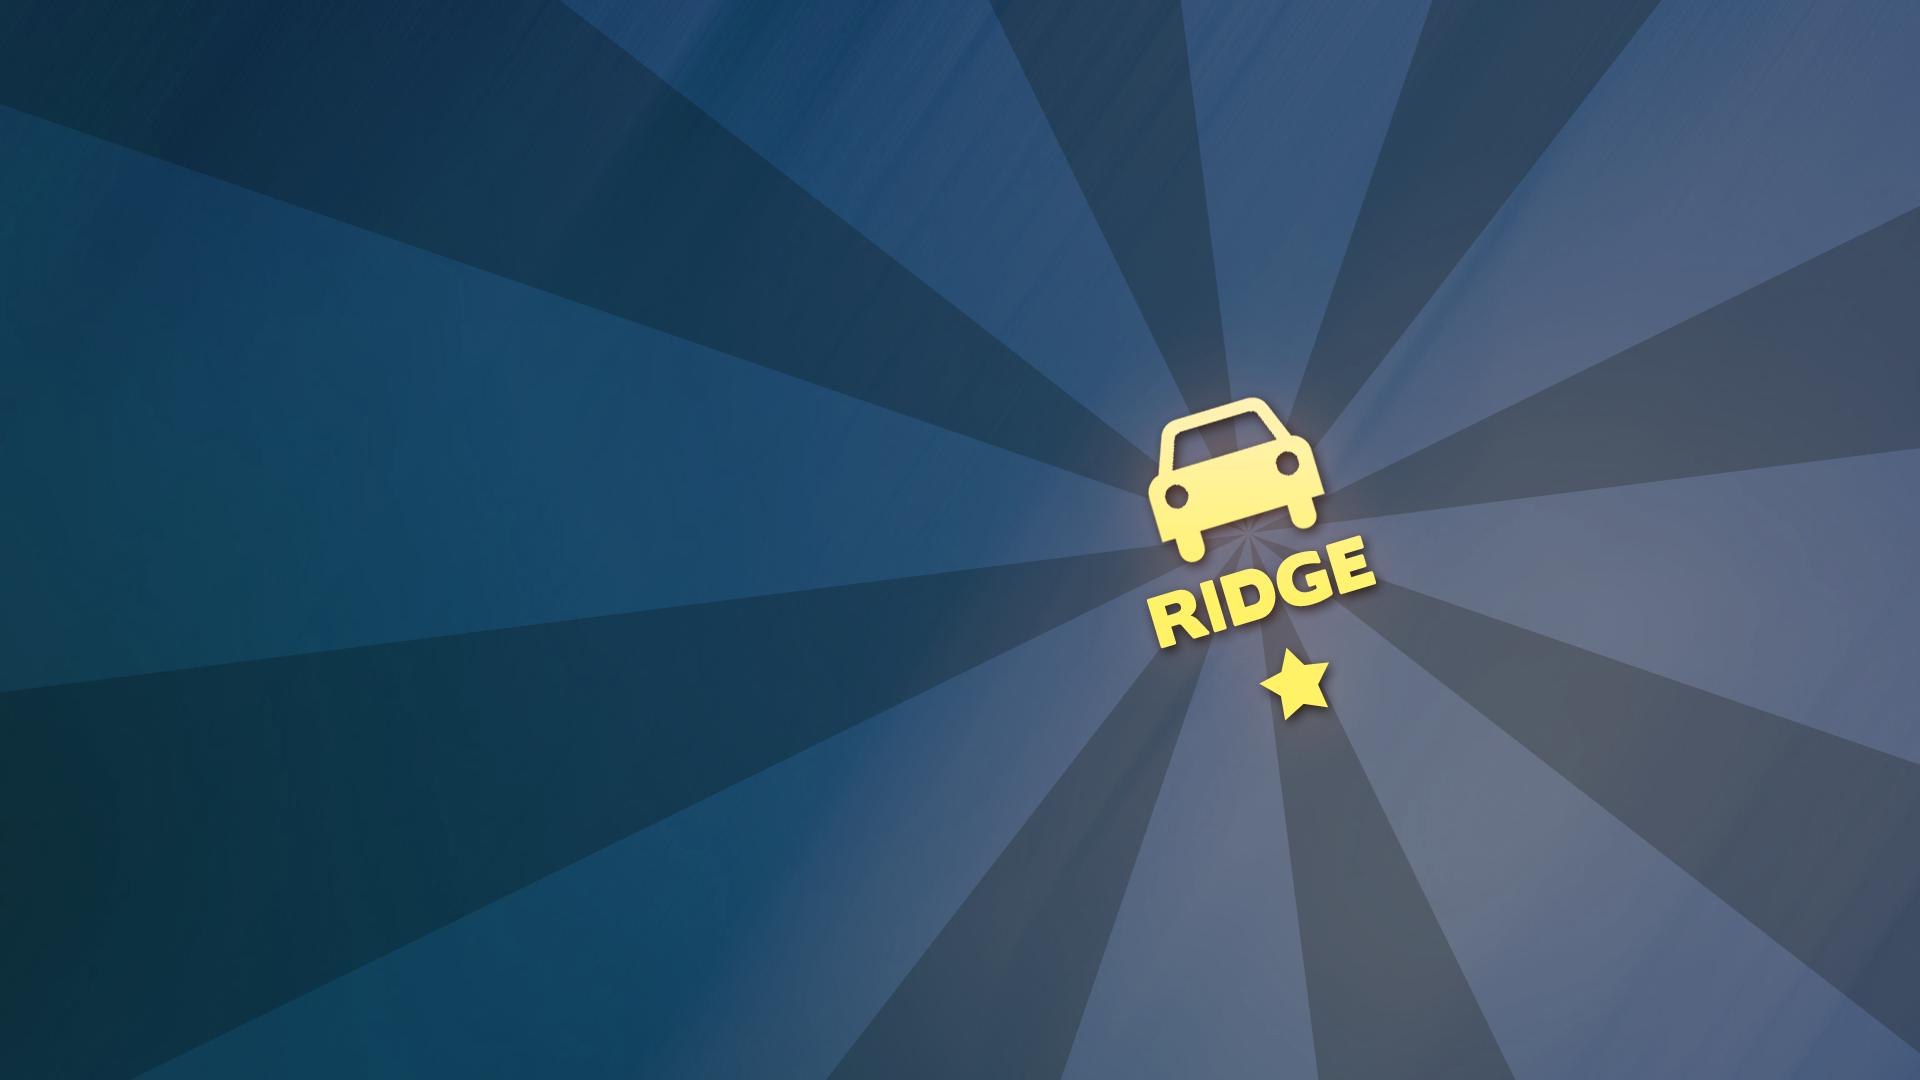 Car insignia 'Ridge'